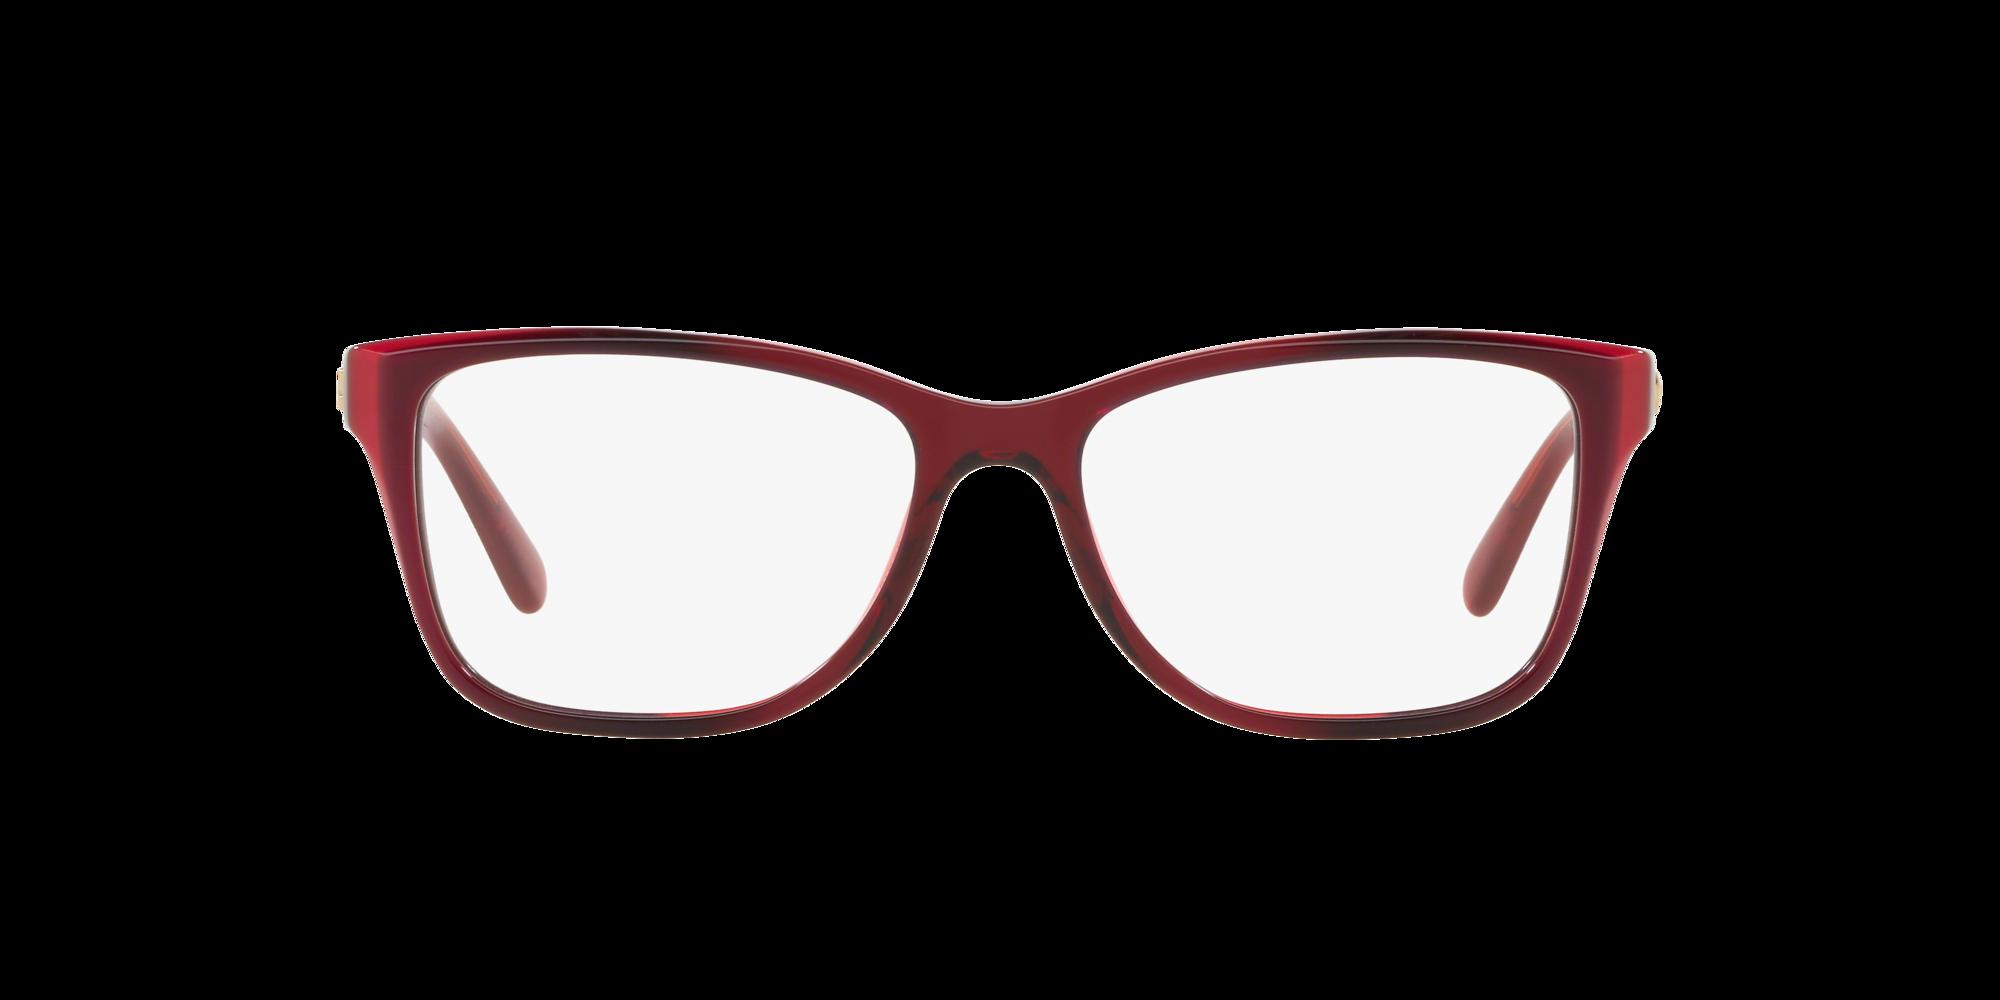 Imagen para HC6129 de LensCrafters |  Espejuelos, espejuelos graduados en línea, gafas